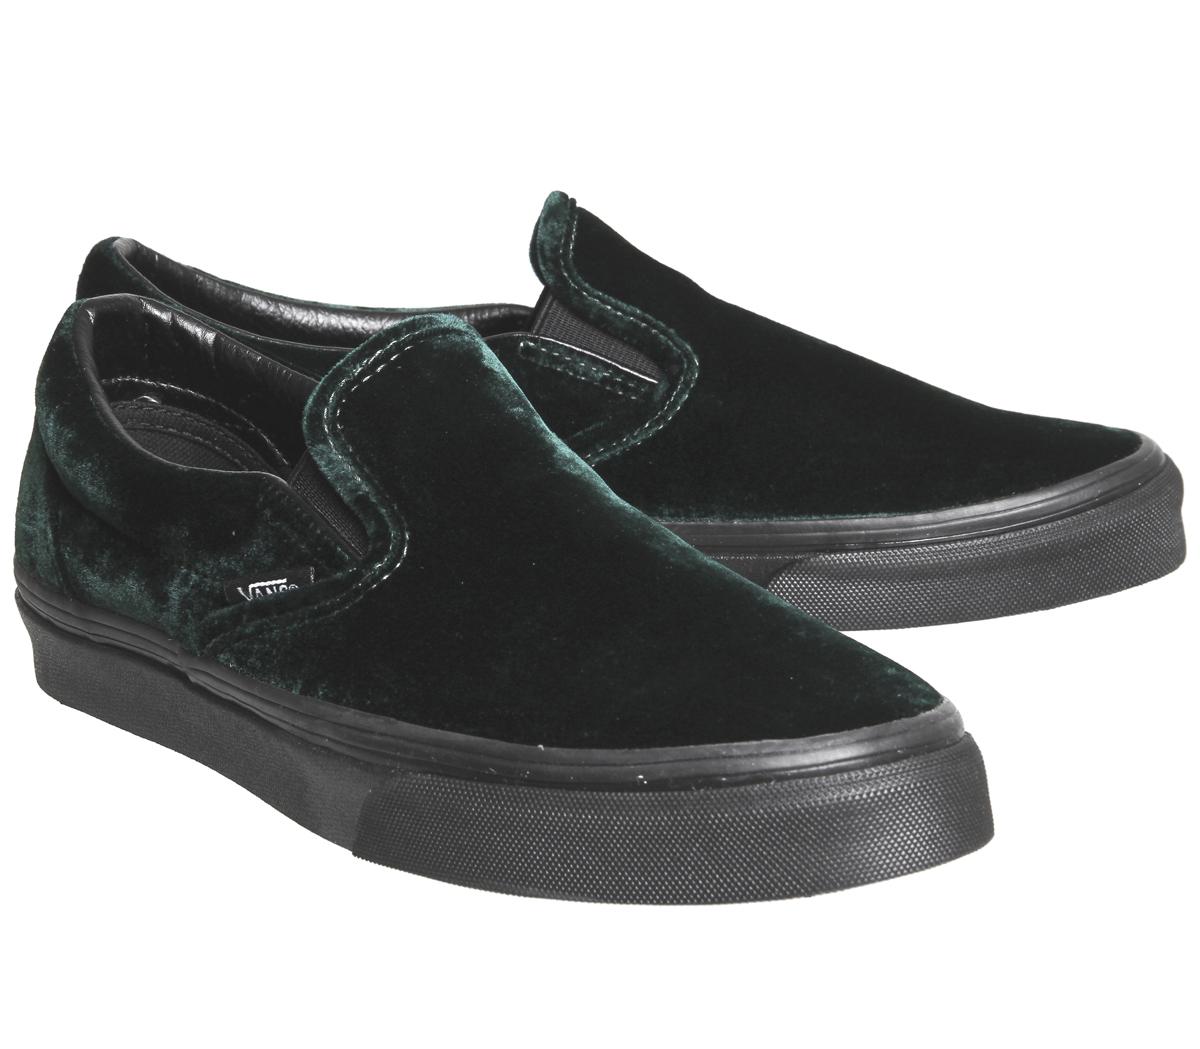 69b052df2f2b Sentinel Mens Vans Vans Classic Slip On VELVET GREEN BLACK Trainers Shoes